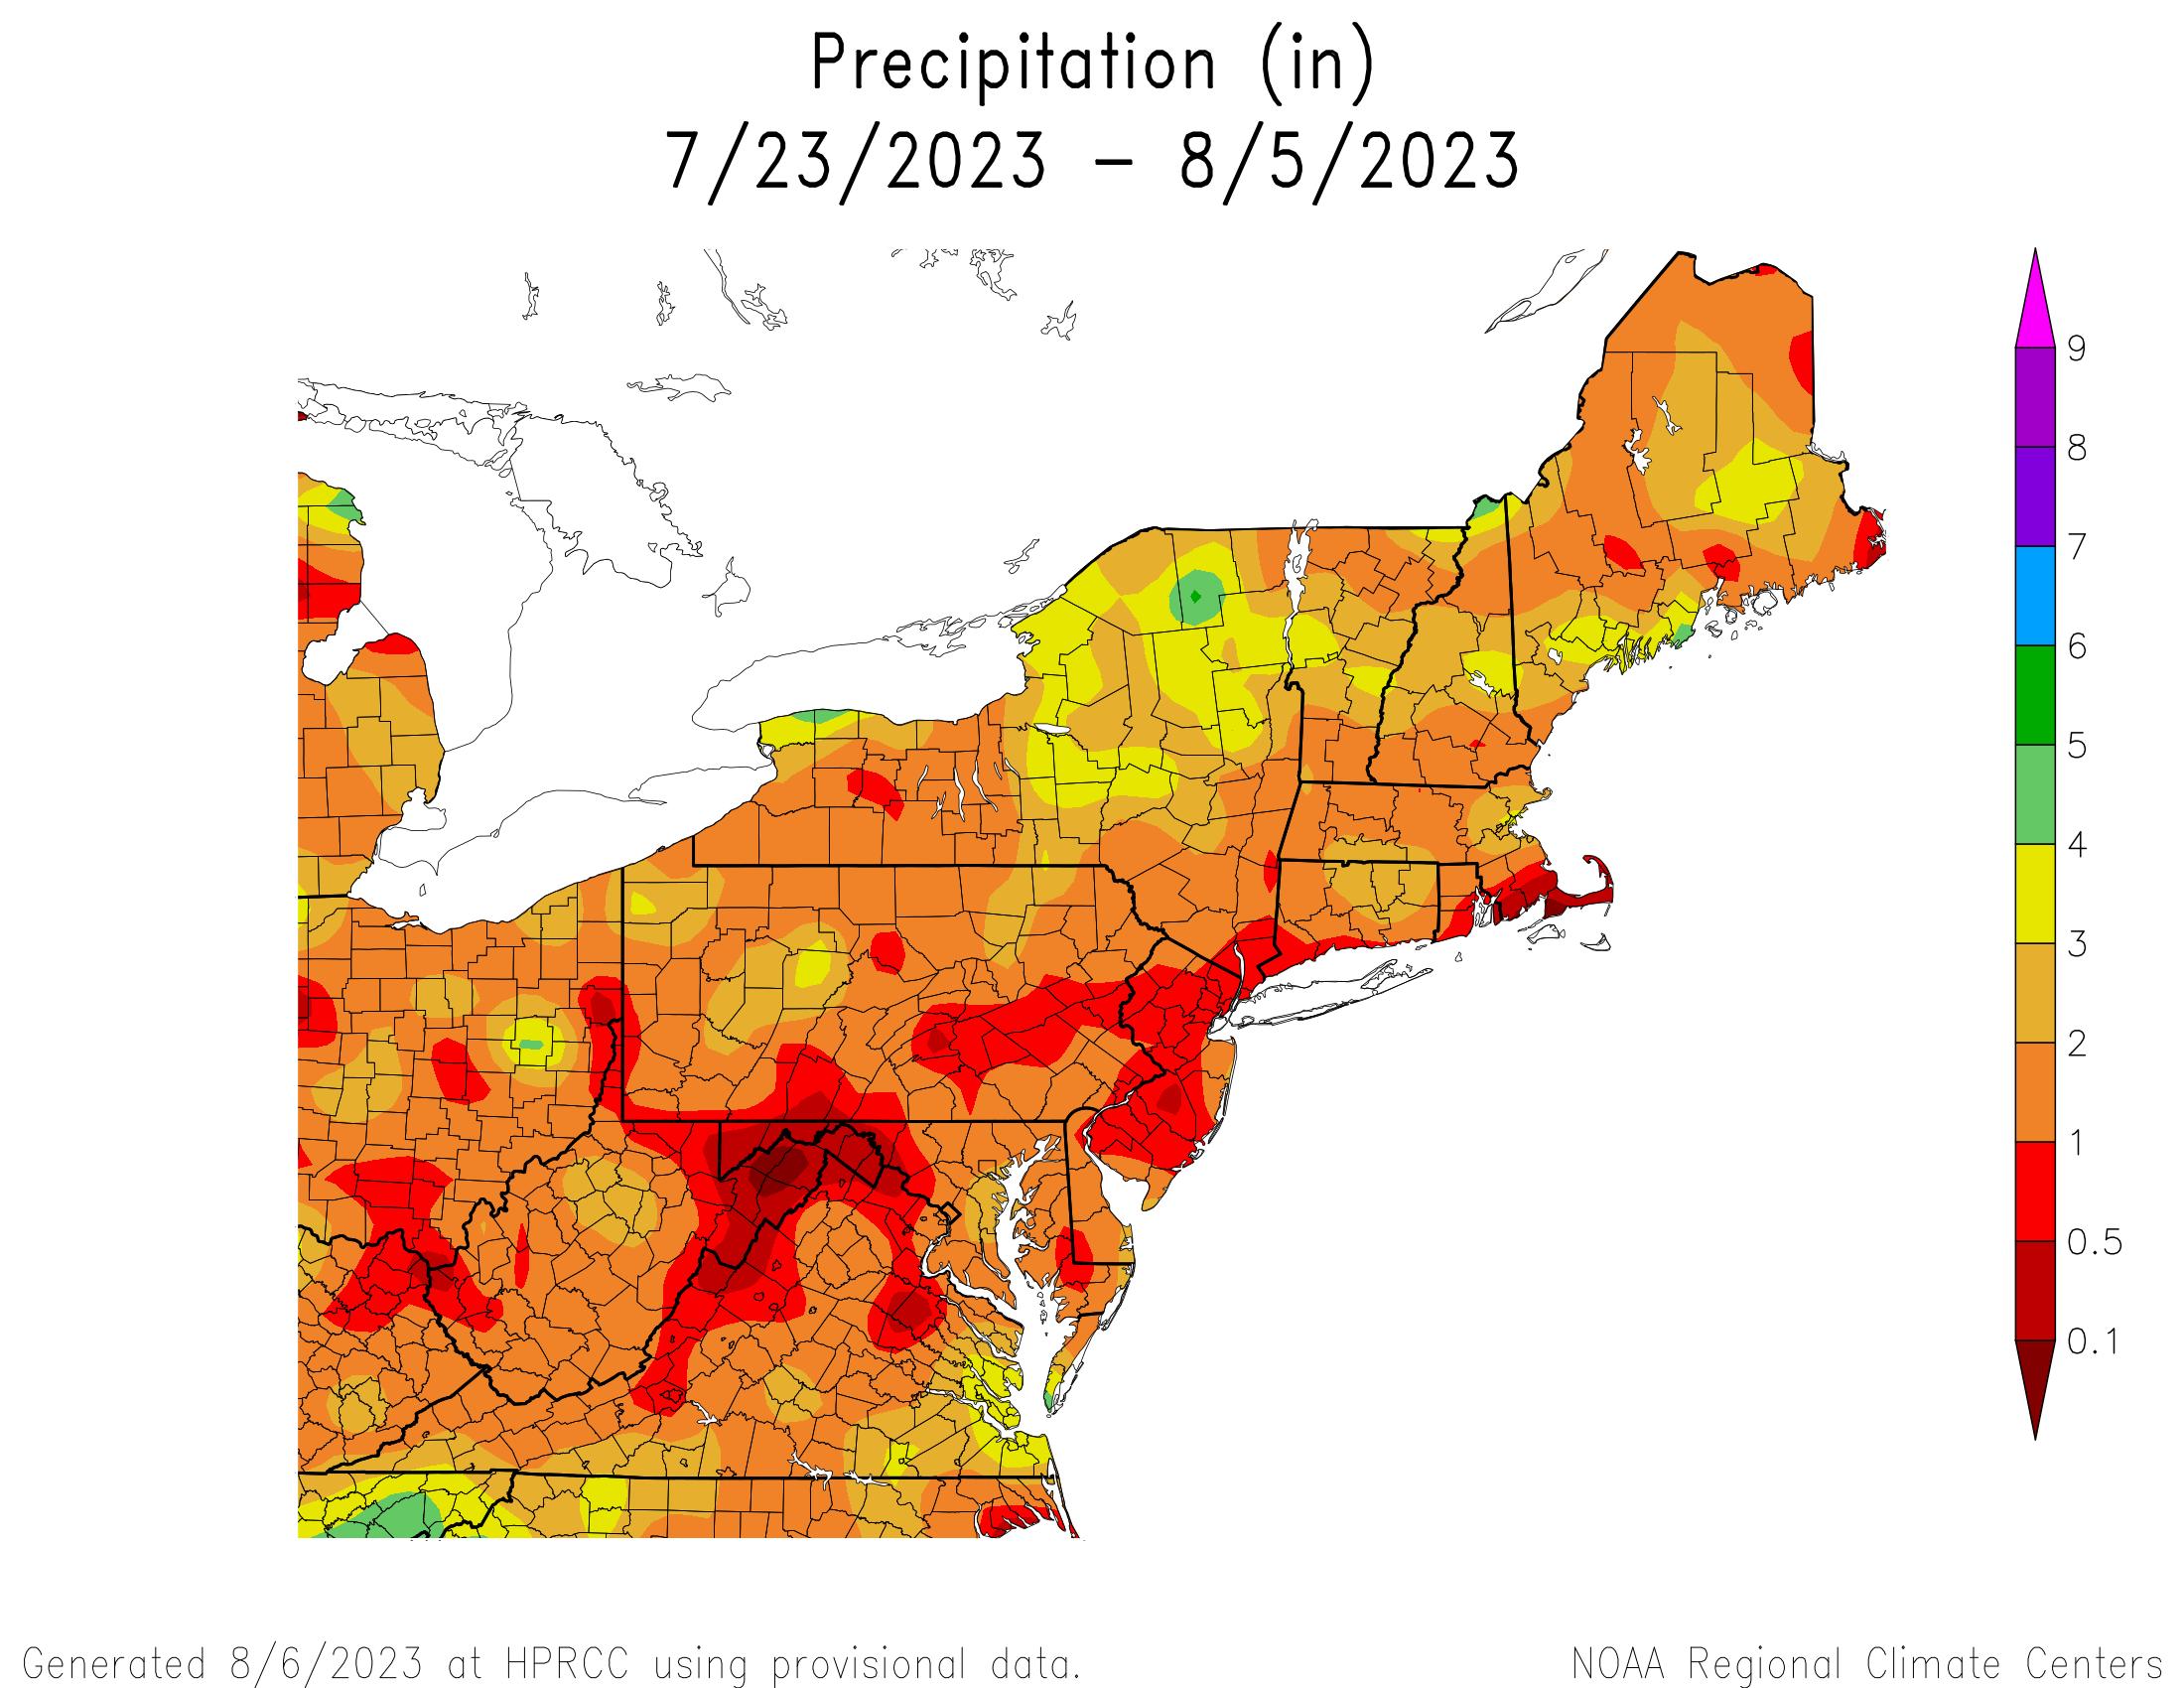 14-Day Total Precipitation